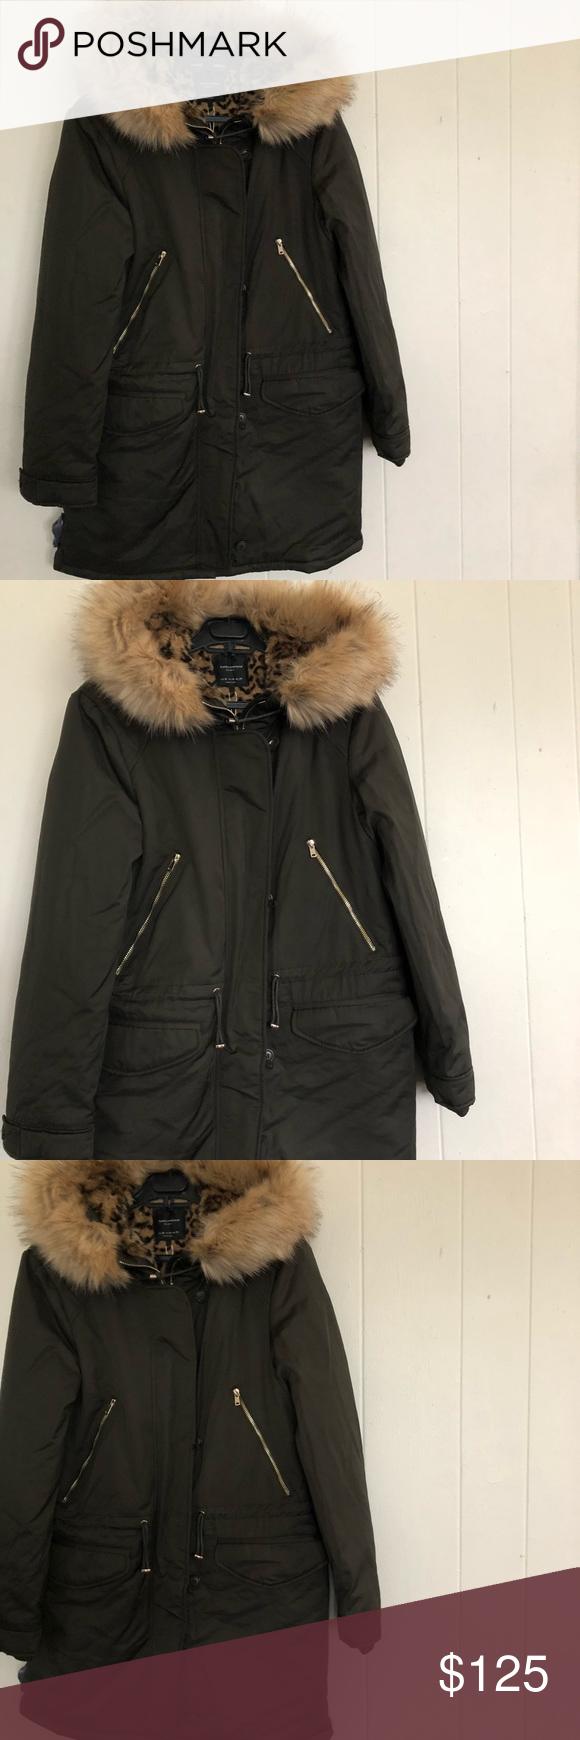 Zara Trafaluc Winter Coat Sz M Winter Coat Zara Coats For Women [ 1740 x 580 Pixel ]